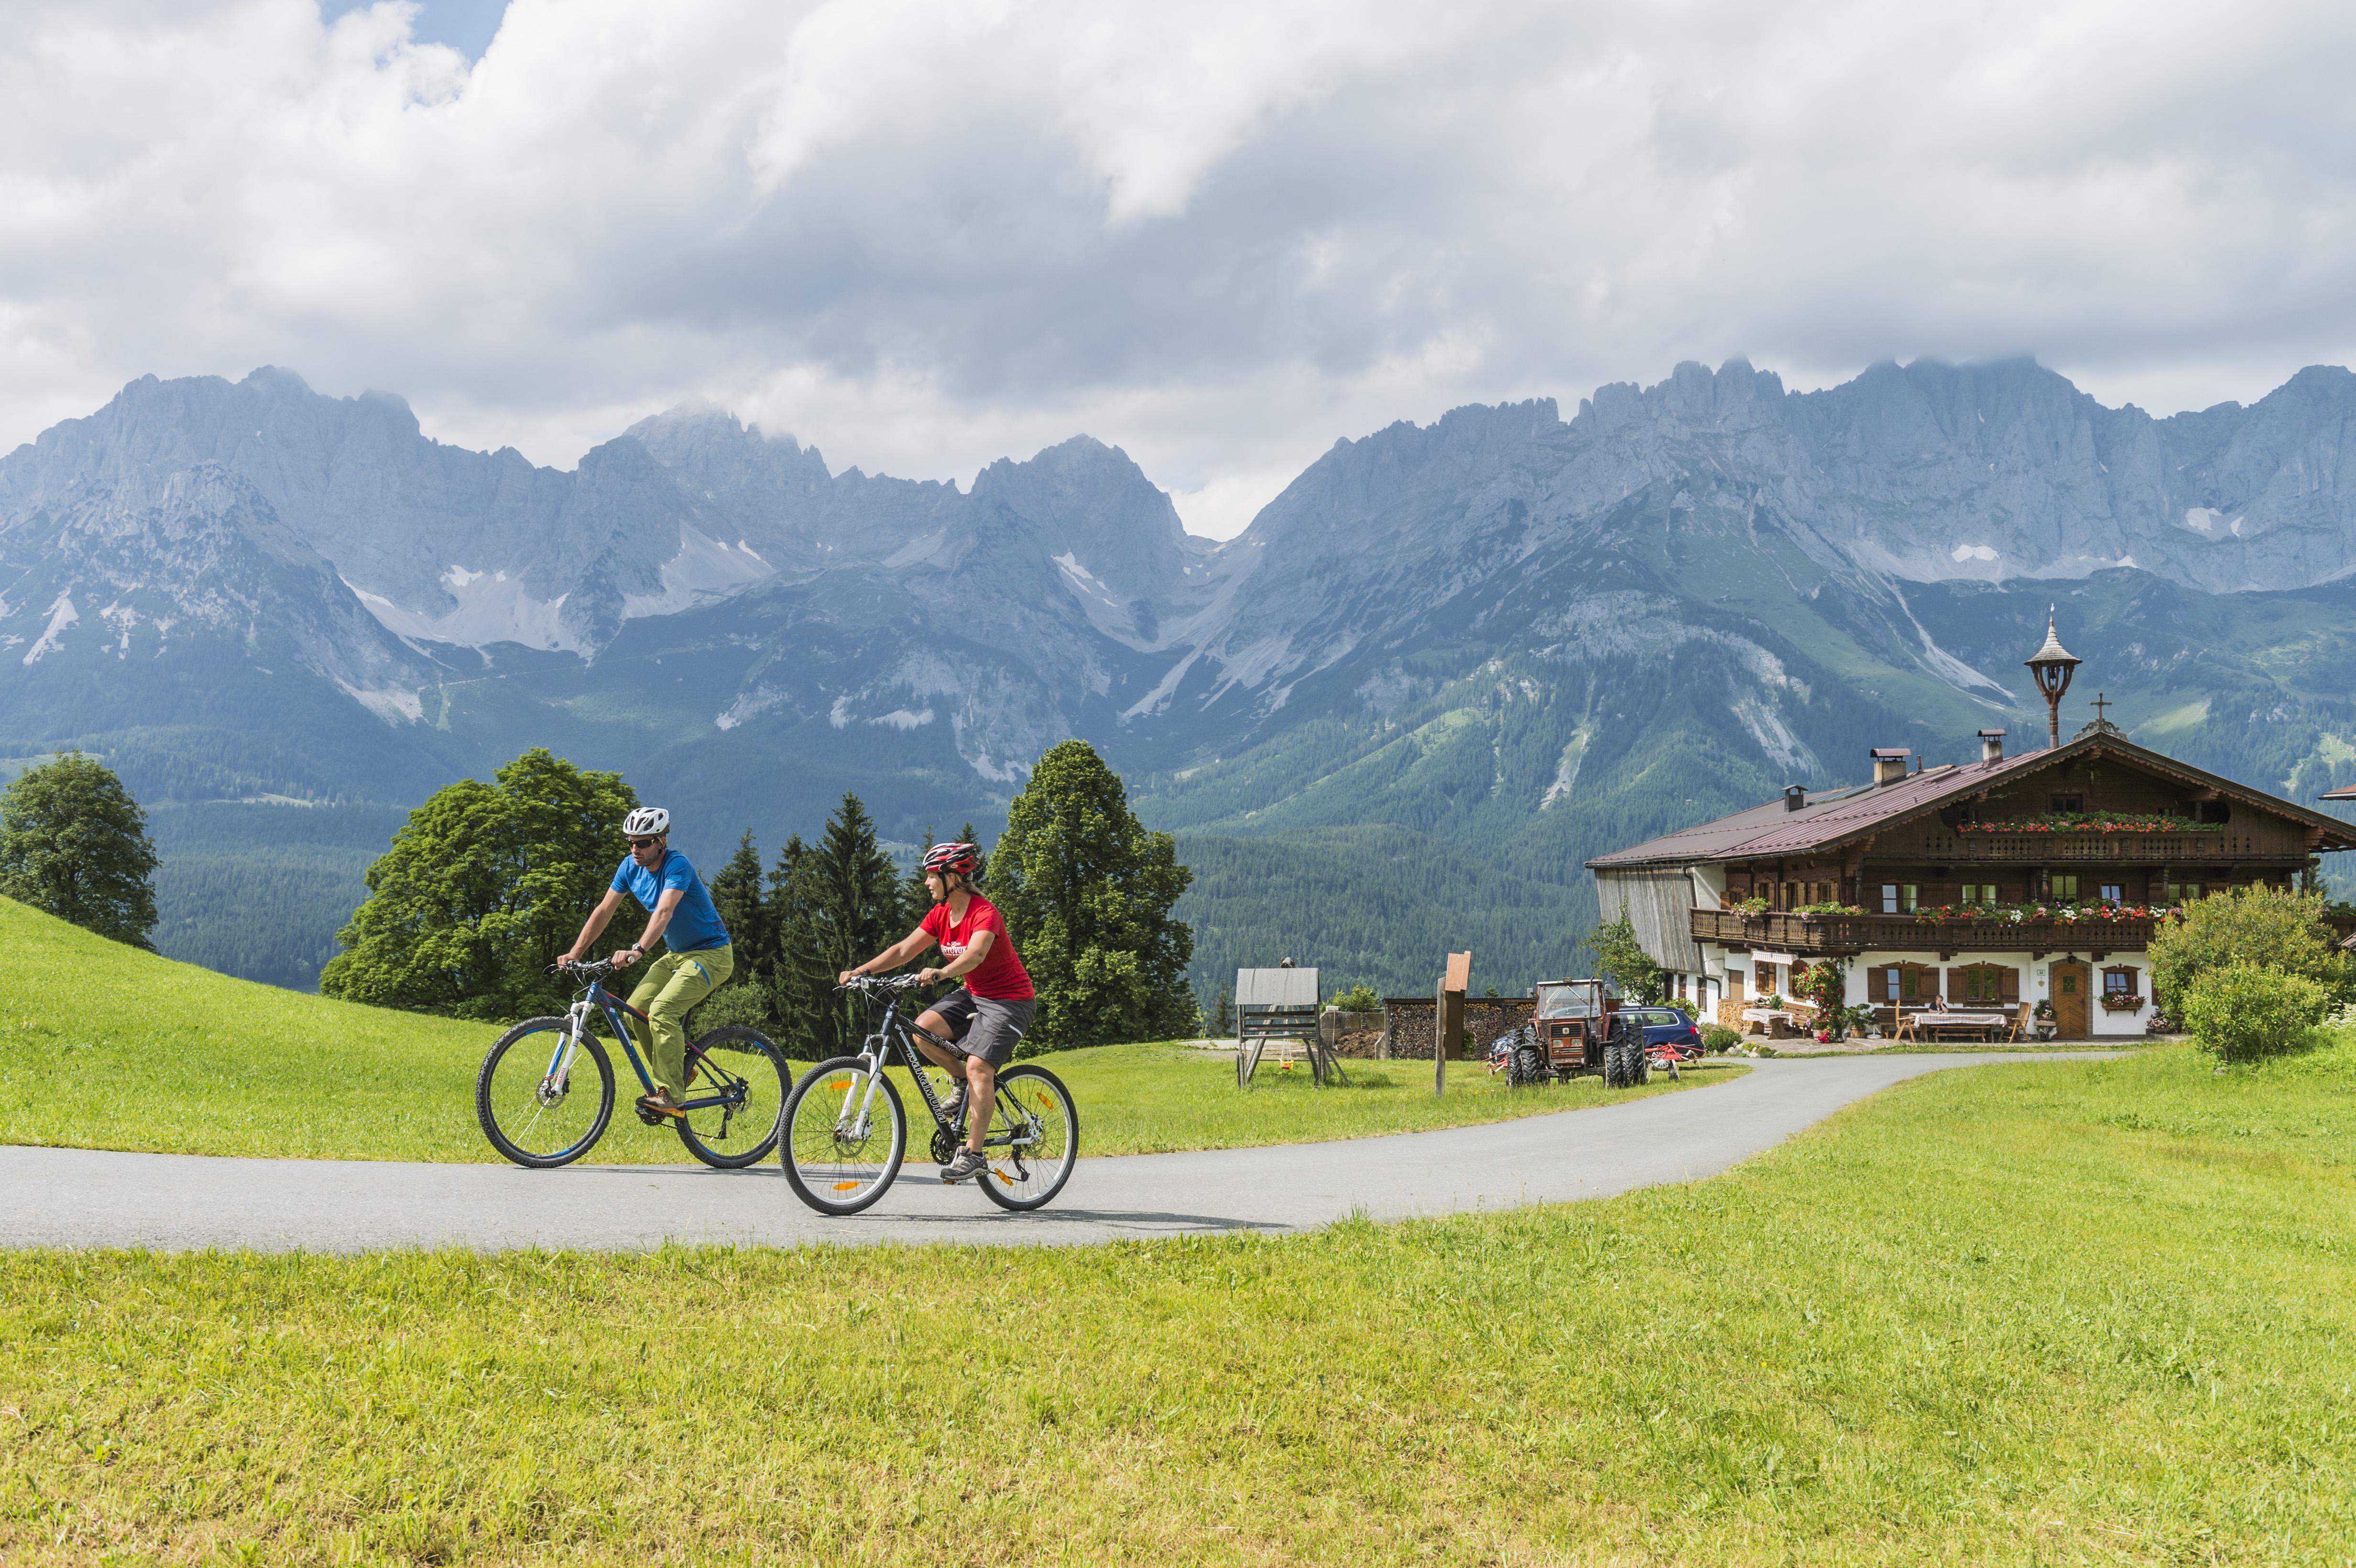 Mountainbike_Wilder-Kaiser_Foto-von-Felbert_Reiter-(18)©danielreiterpetervonfelbert